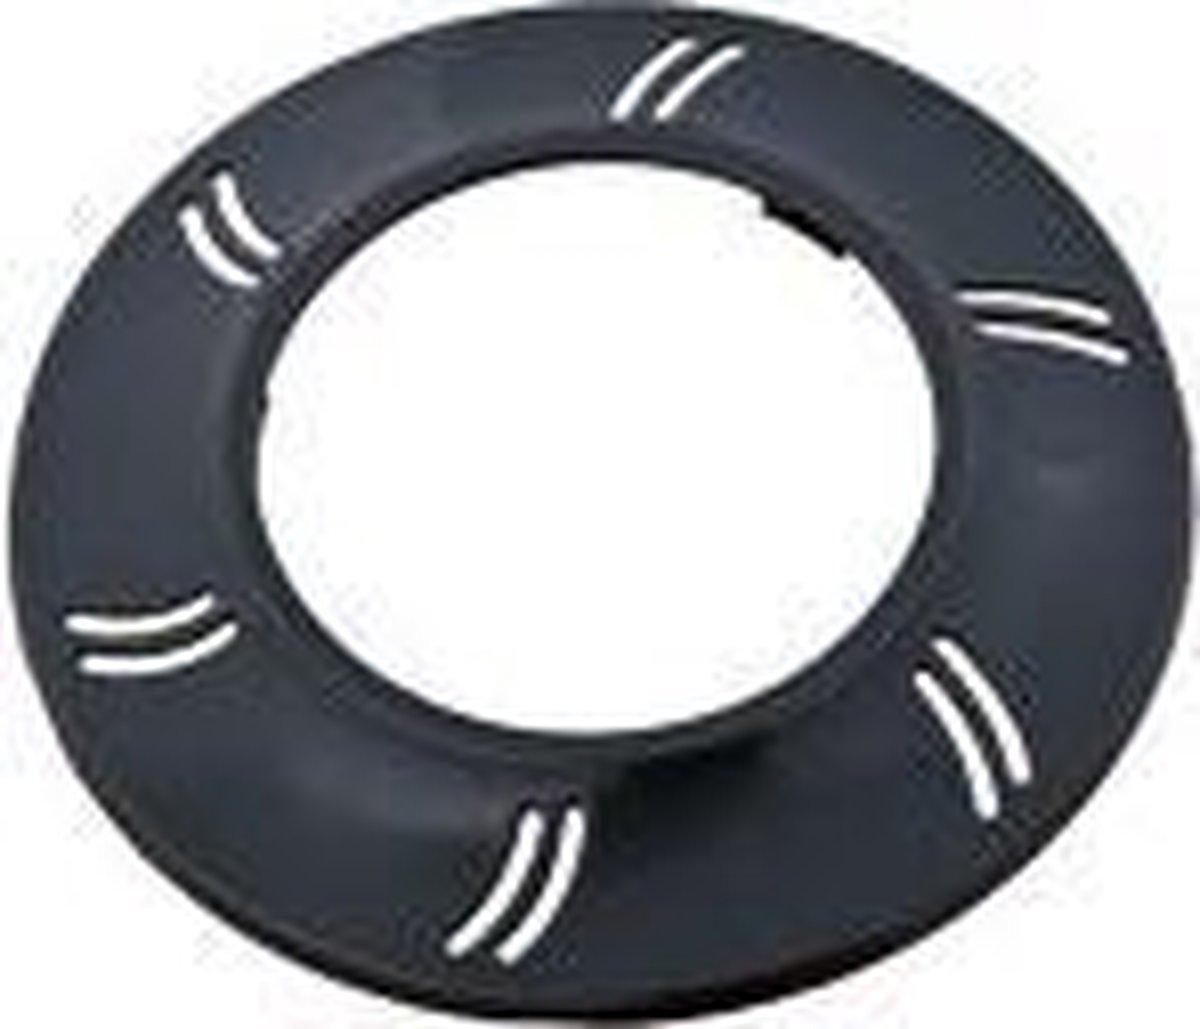 Aquaforte Zwarte front ring voor afdekking PLA100 lamp